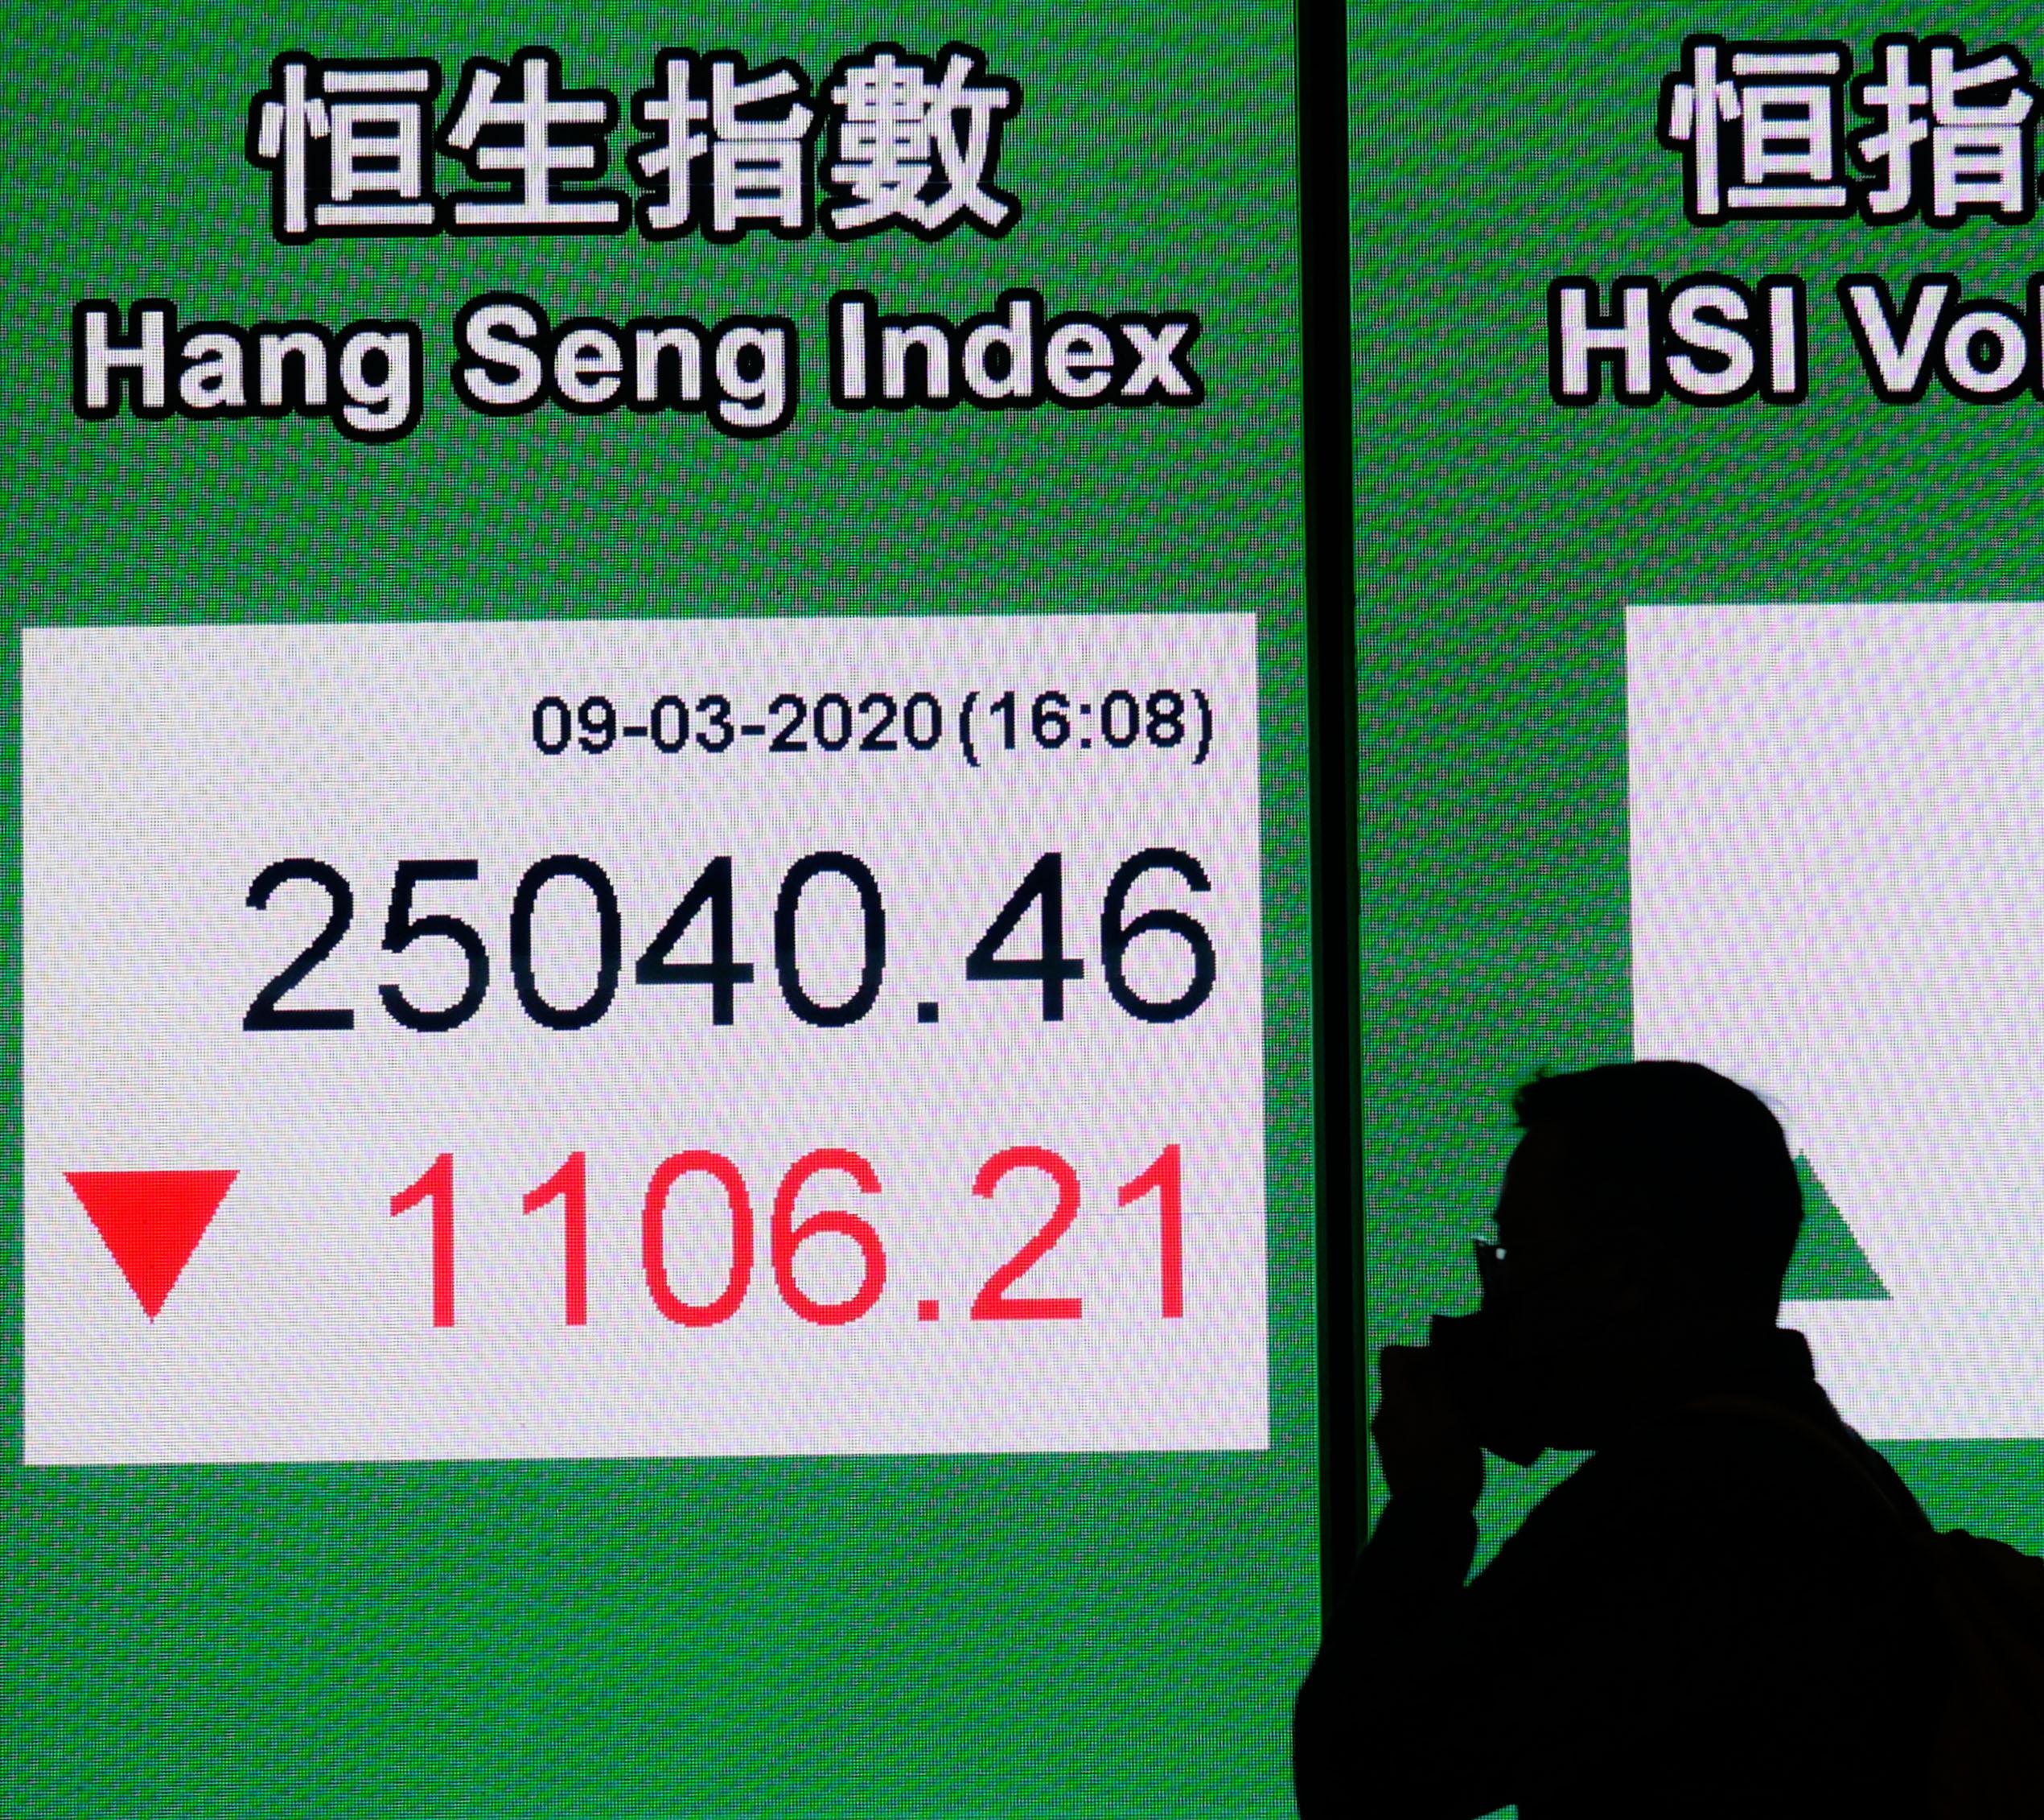 跟随外围市场 港股9日跌逾千点